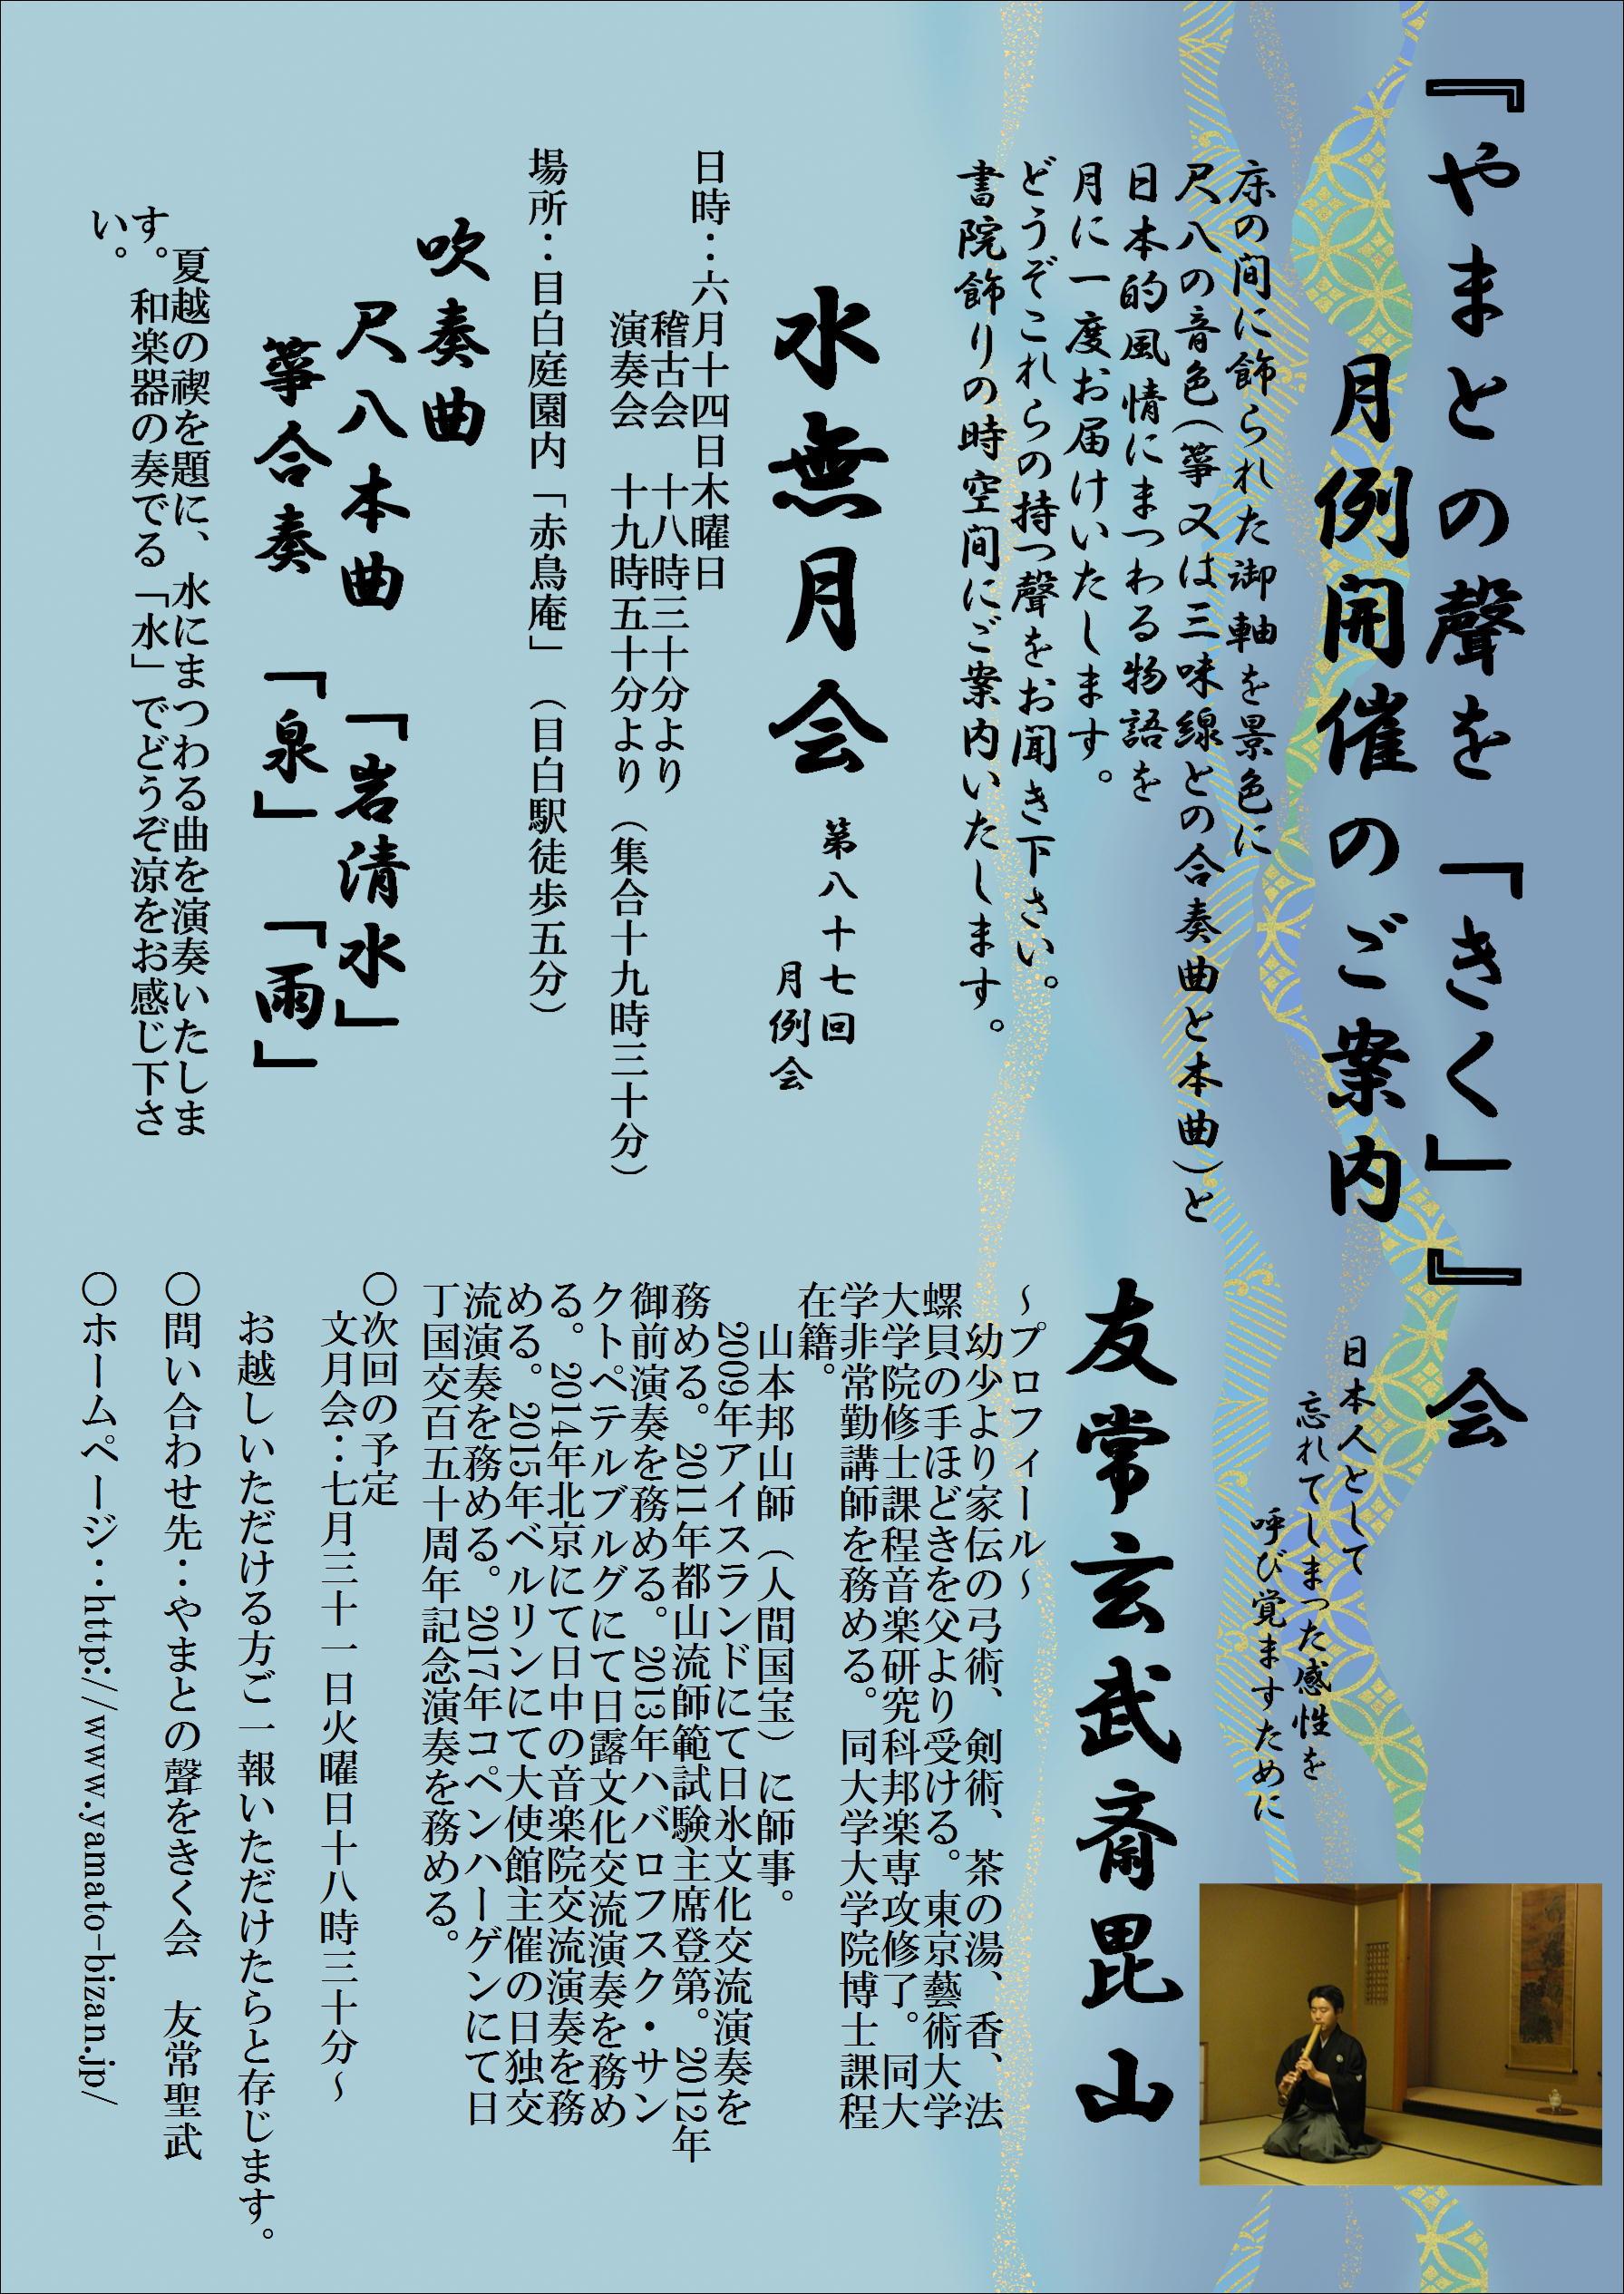 8年目水無月会掲載用